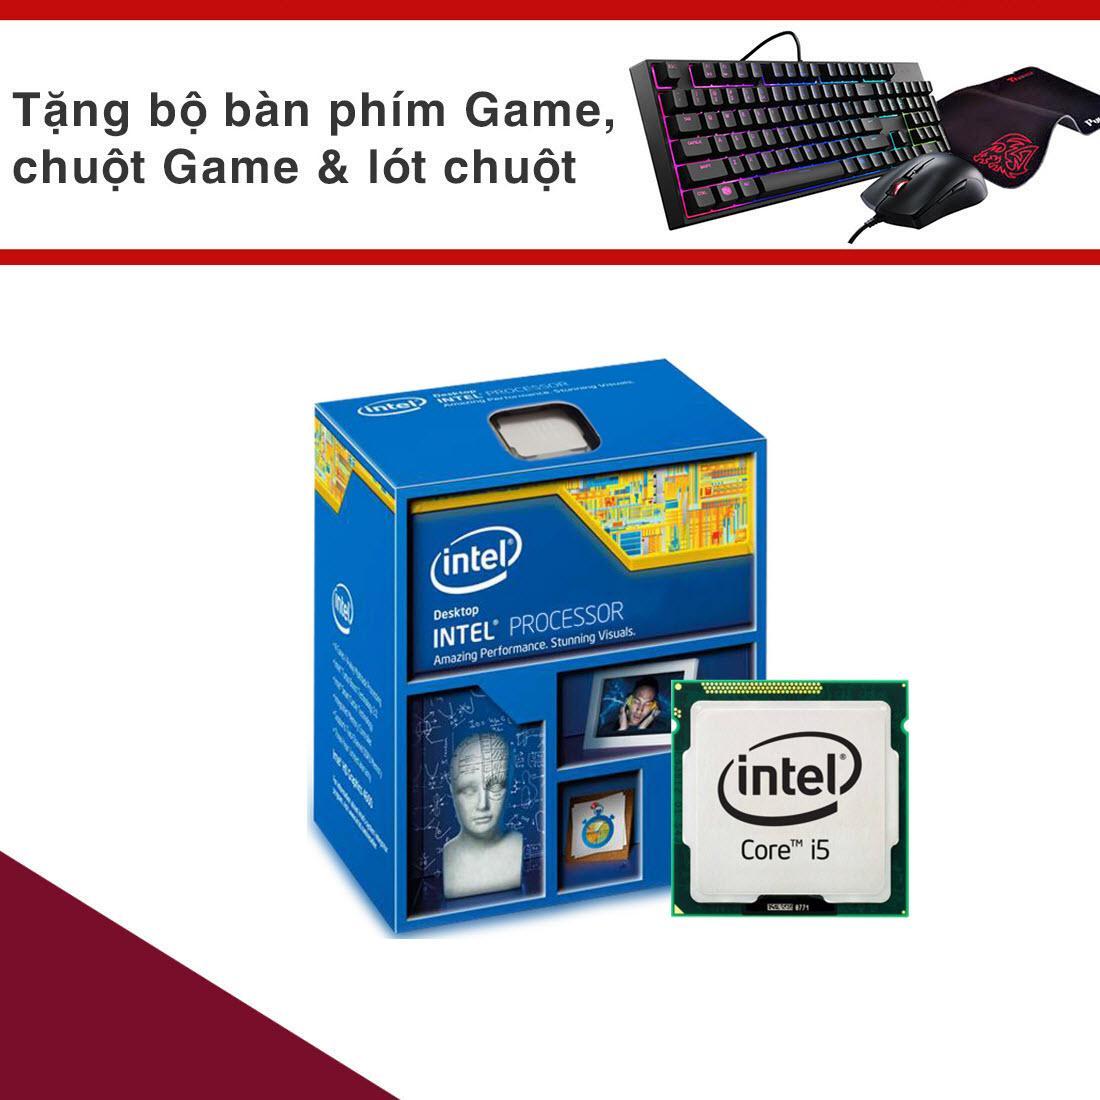 Chip Vi xử lý Intel CPU Core I5 3550 (4 nhân- 4 luồng) Bảo Hành 3 Năm- Hàng Nhập Khẩu